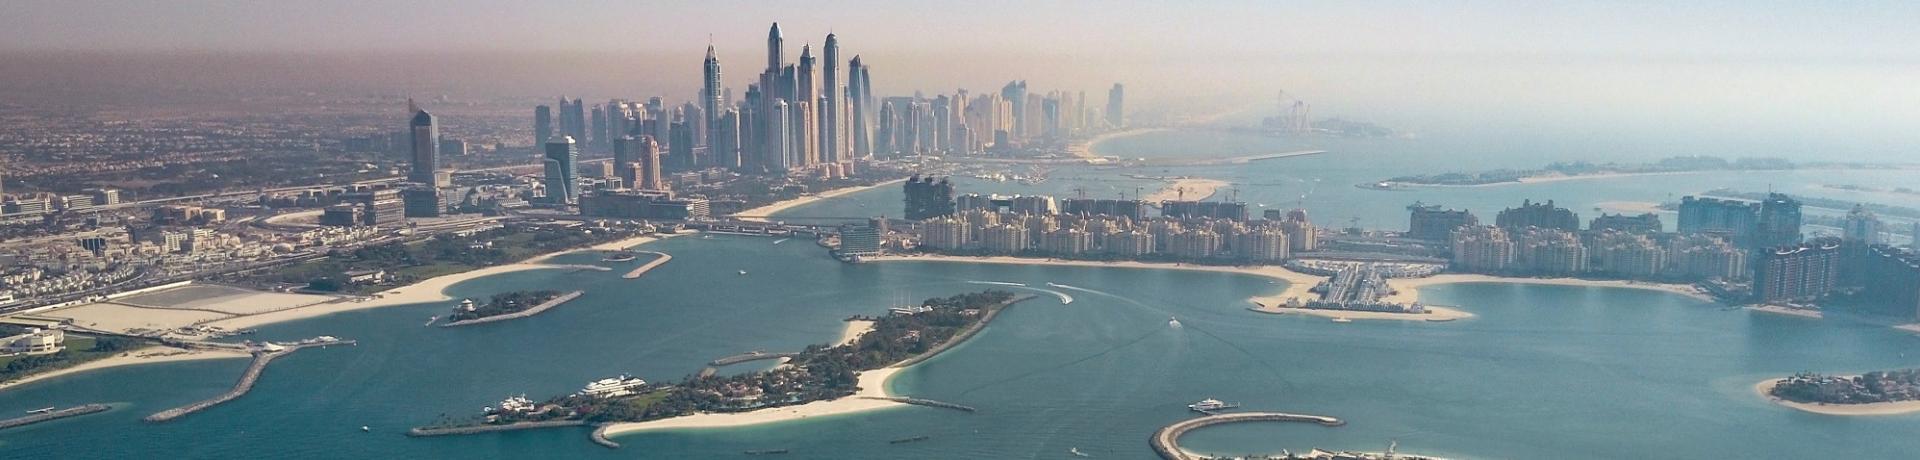 Dubai-Emotion_GI-956930756.jpg